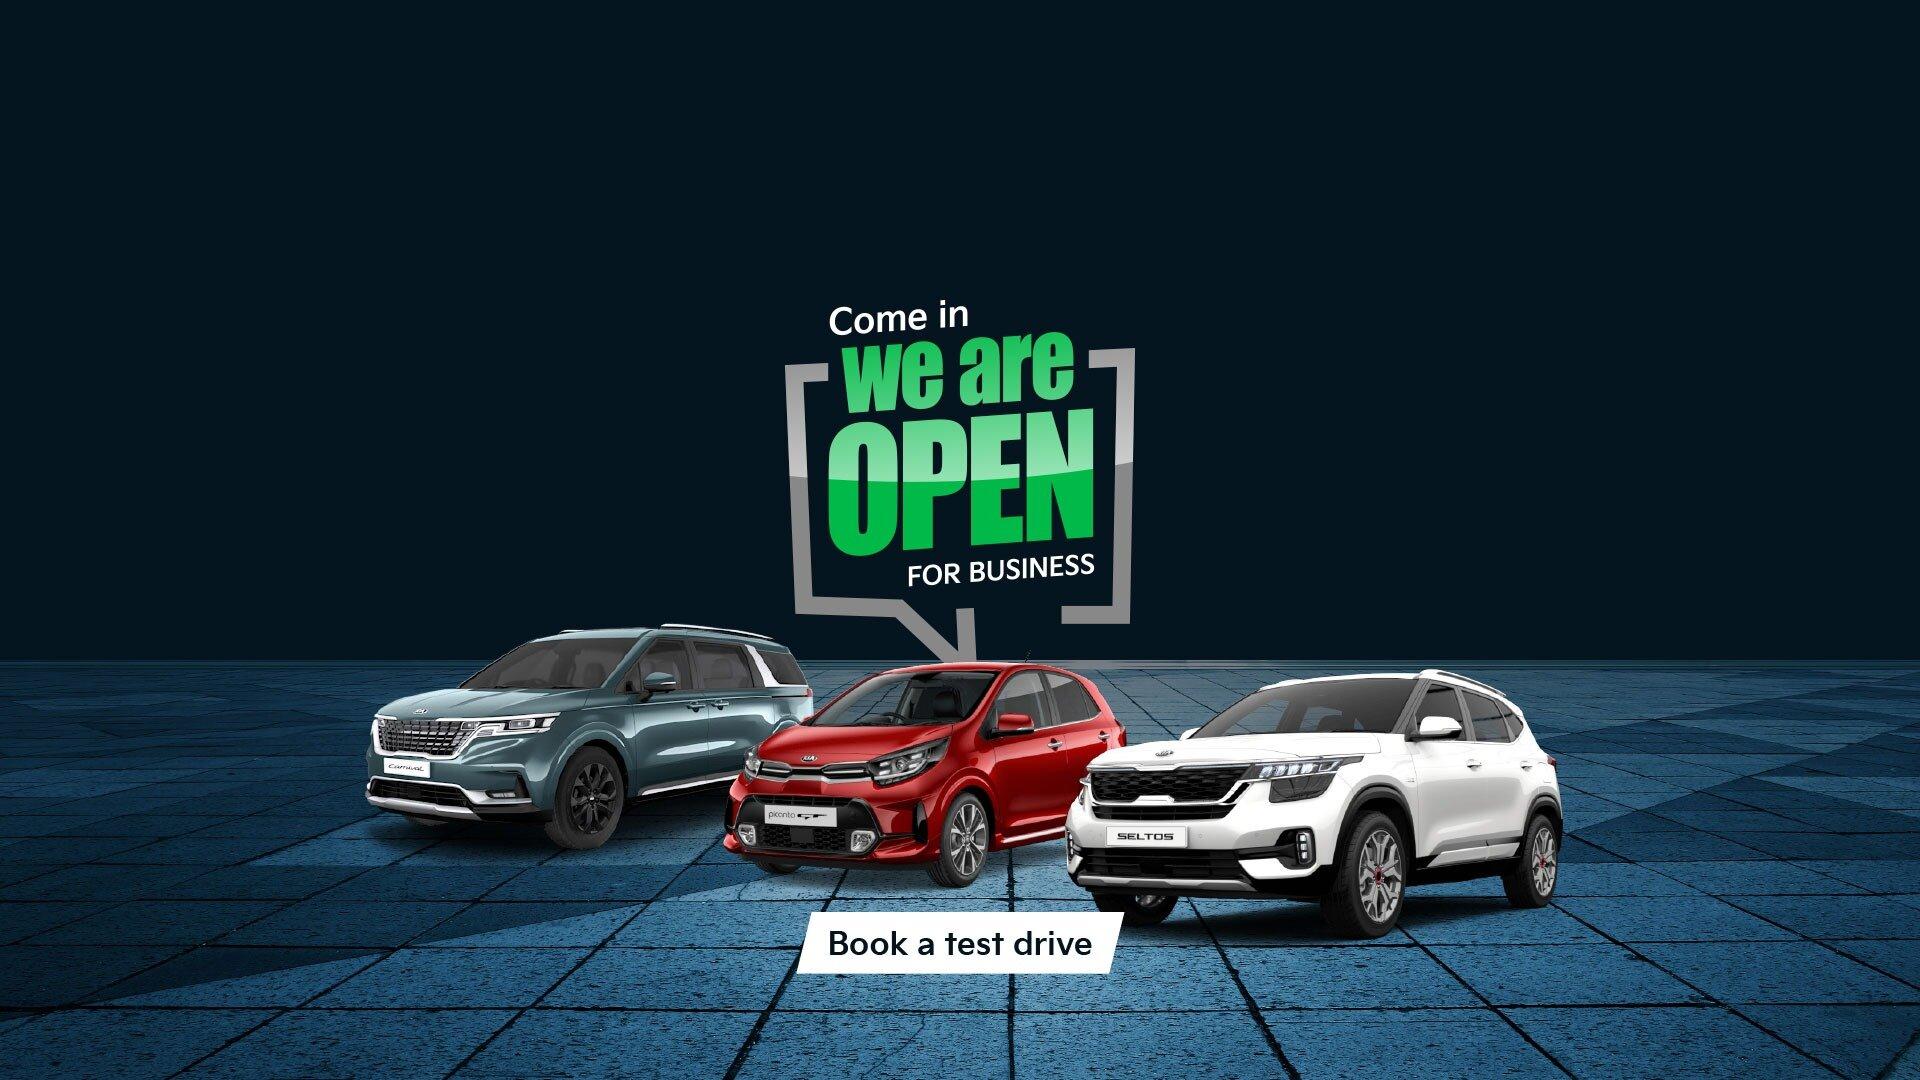 Ryde Kia are open